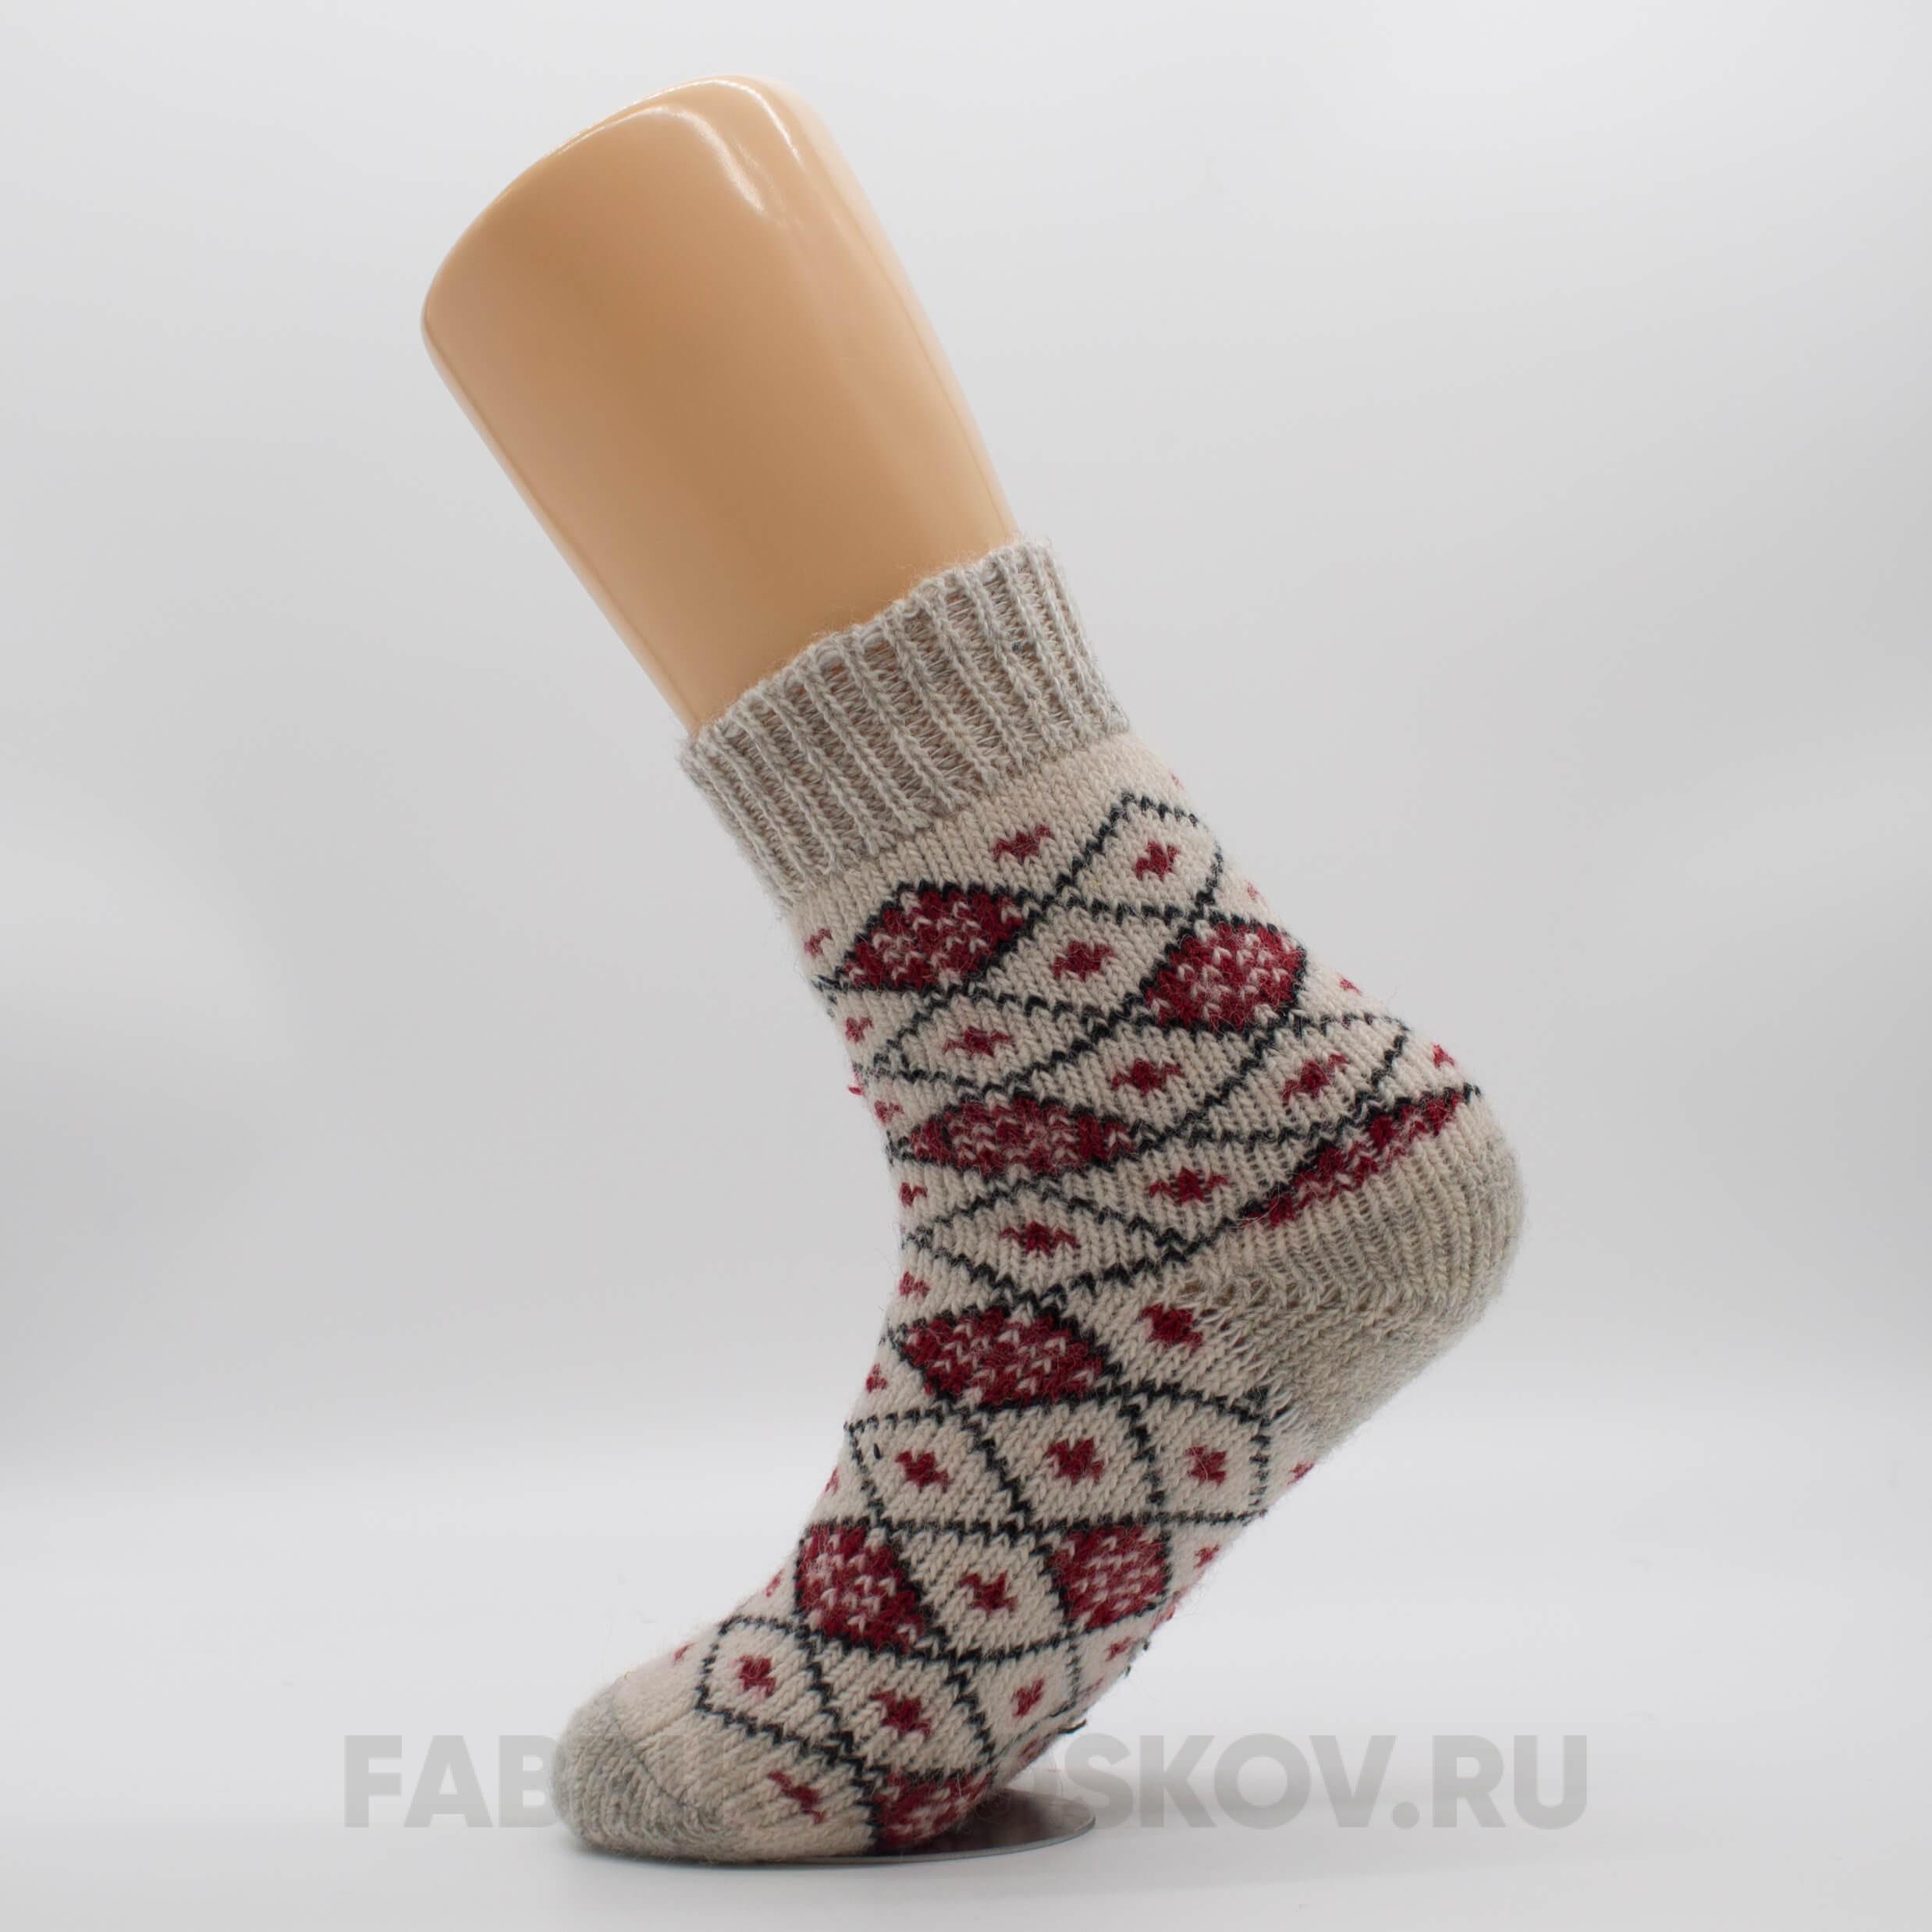 Женские короткие шерстяные носки в ромбик